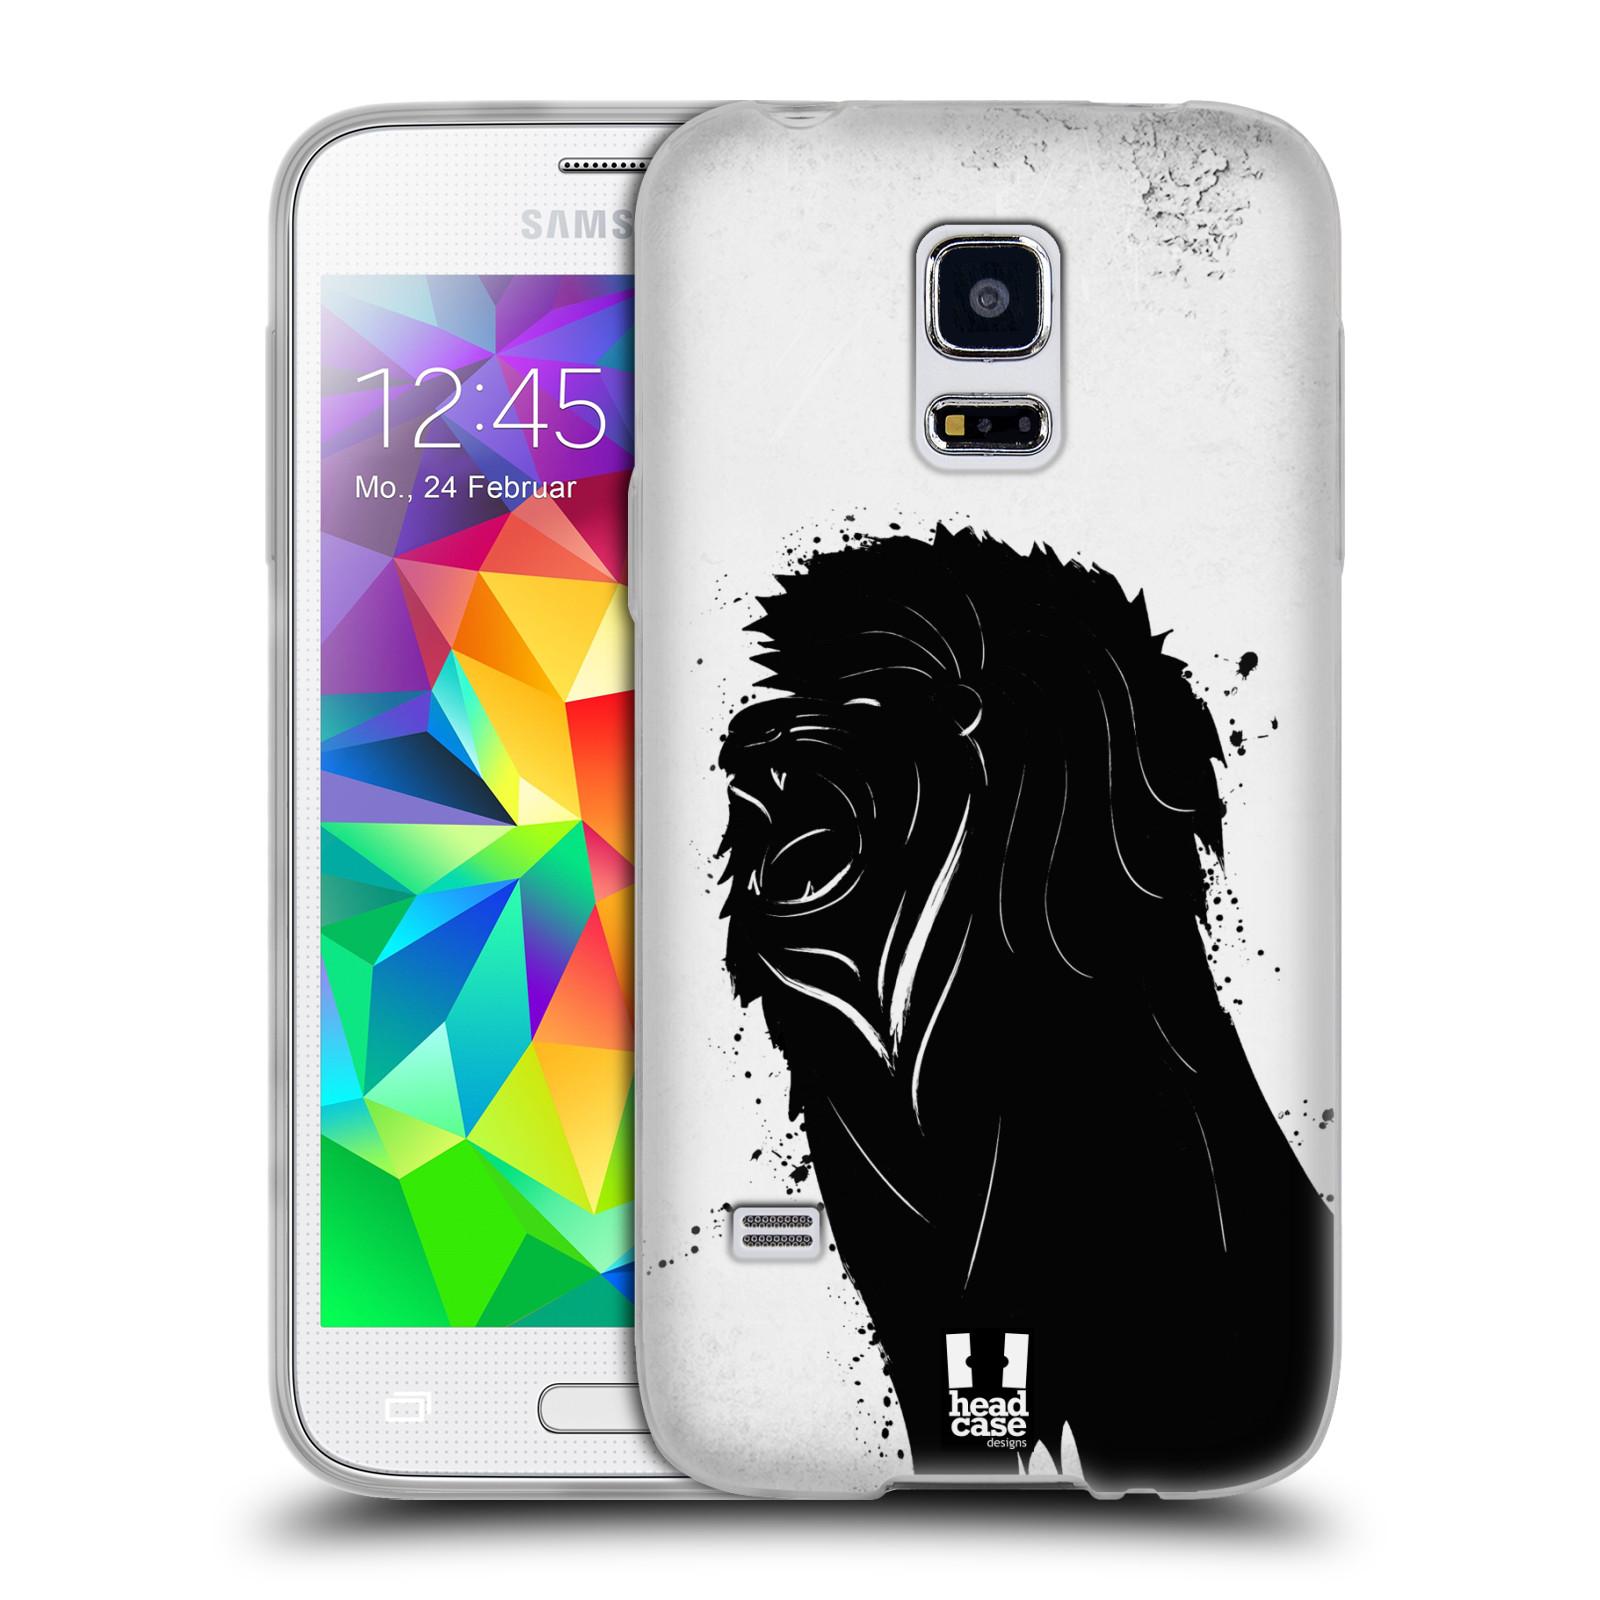 HEAD CASE silikonový obal na mobil Samsung Galaxy S5 MINI vzor Kresba tuš zvíře lev